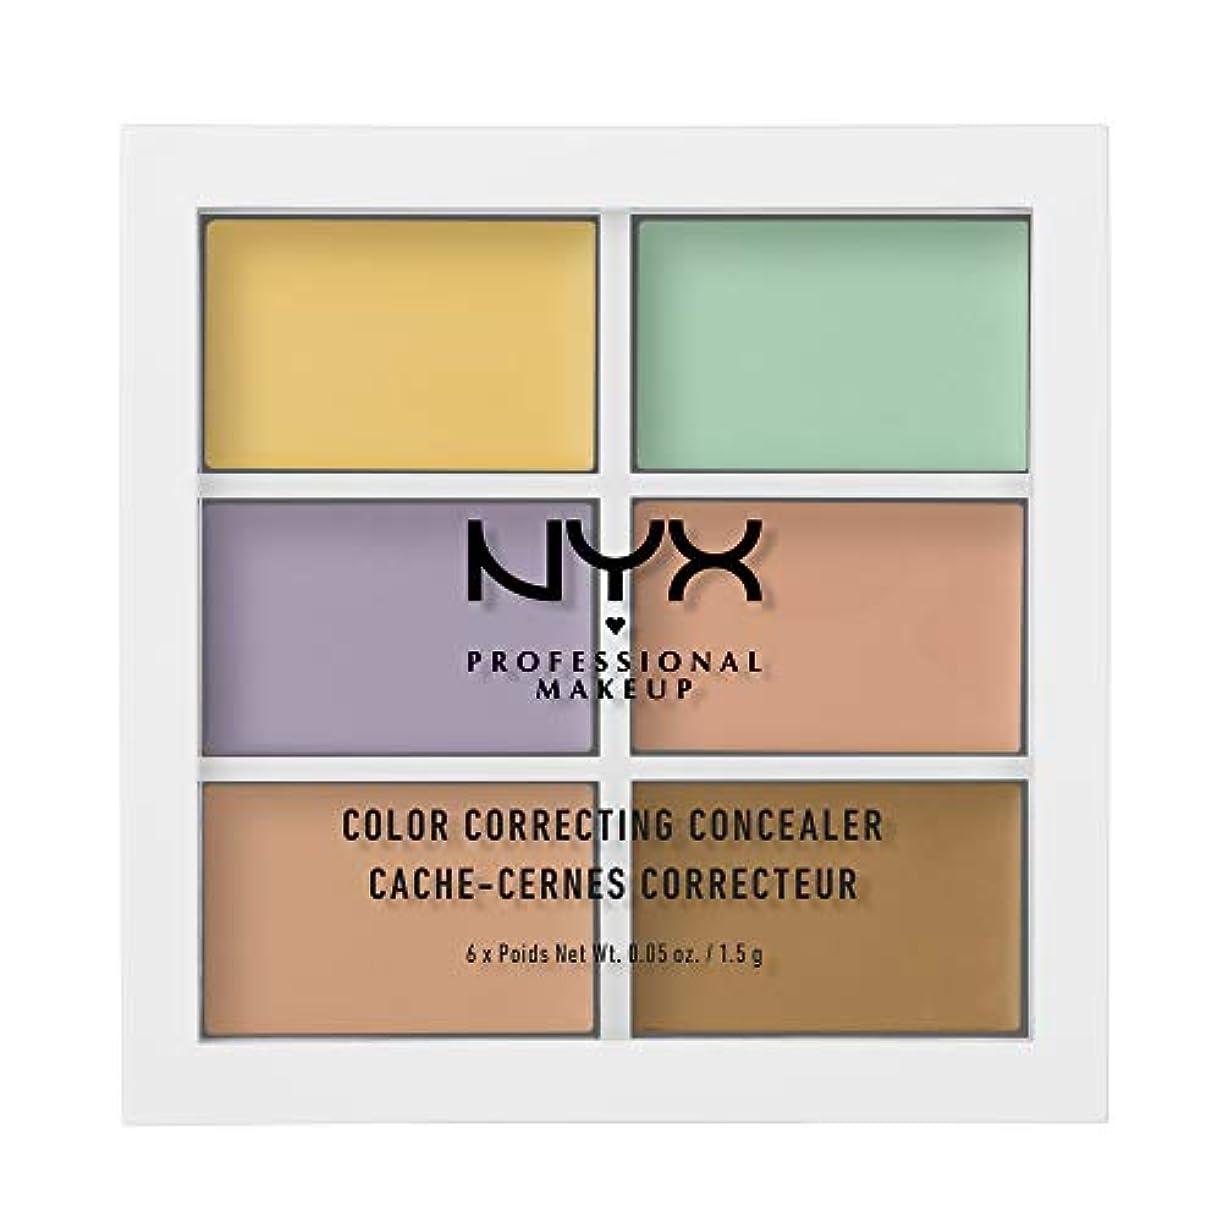 時間とともに眠っている立派なNYX(ニックス) コンシール コレクト コントゥアー パレット A 04 カラー?コンシーラー コンシーラー